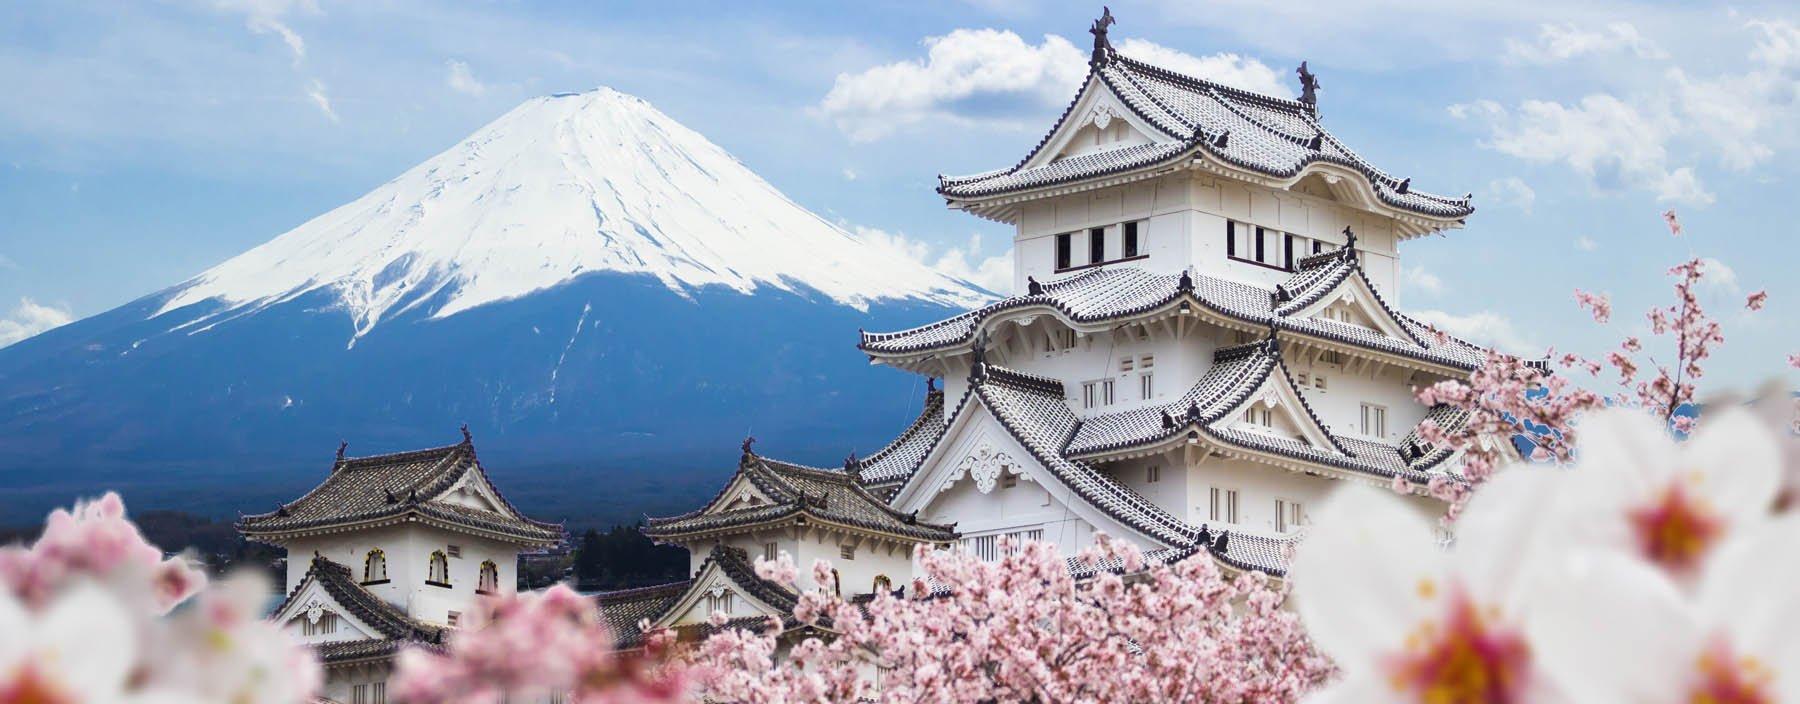 jp, himeji kasteel met mount fuji.jpg